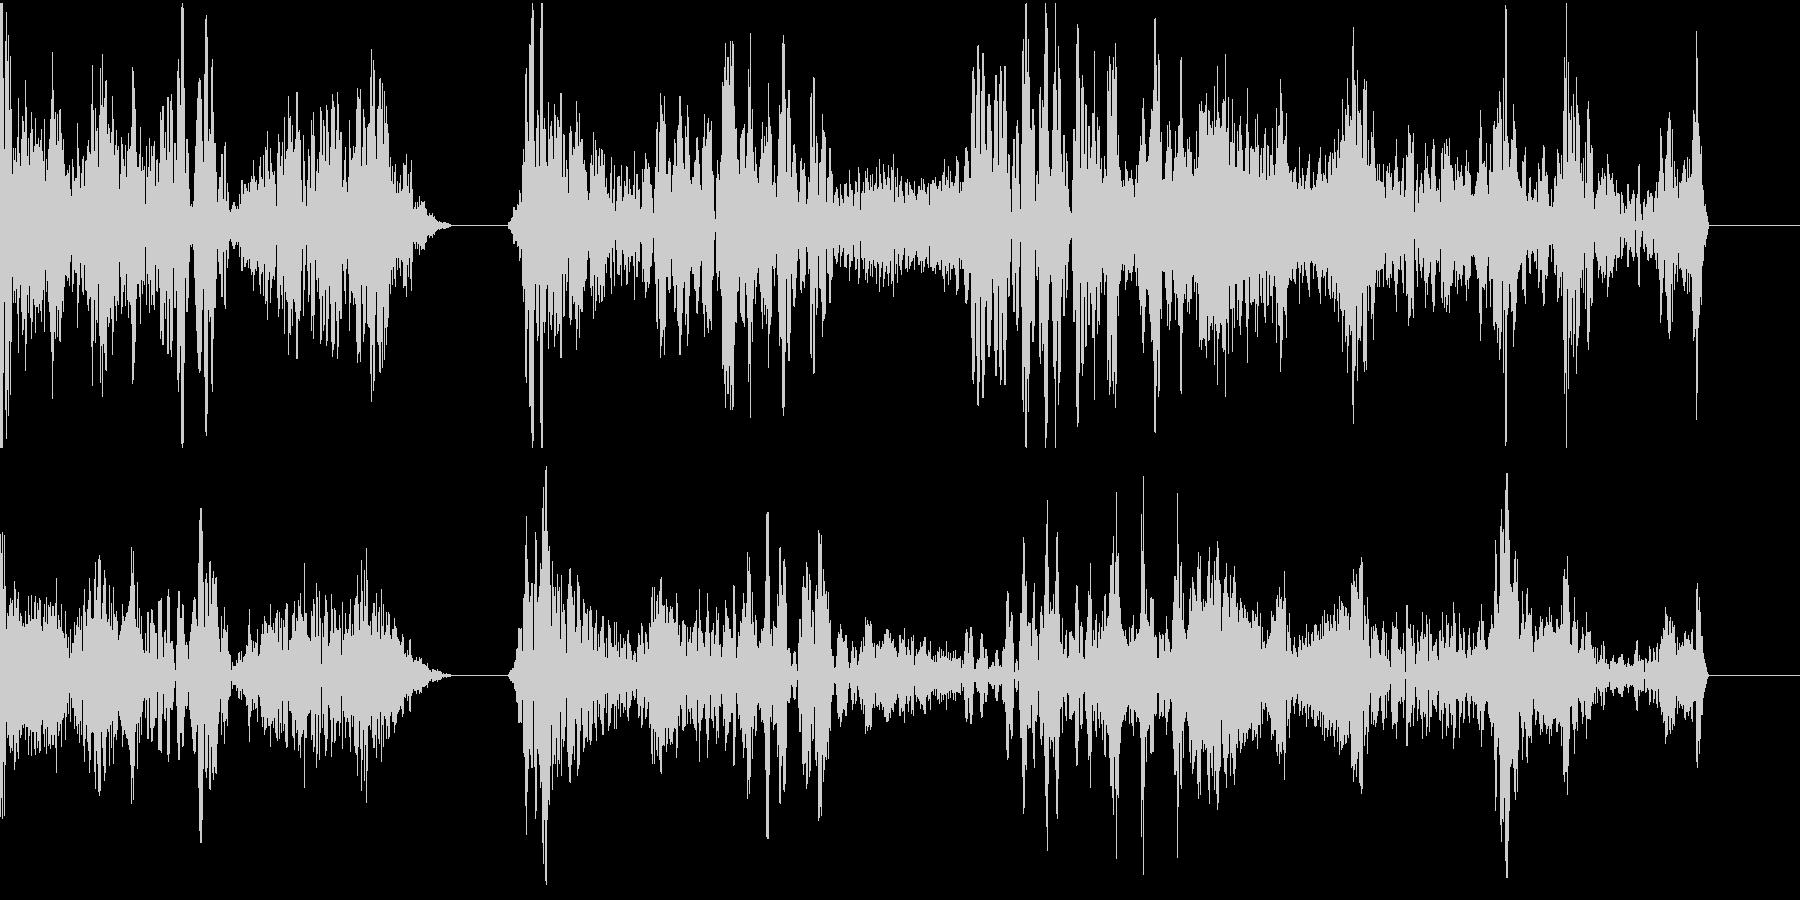 TVFX POPなザッピング音 4の未再生の波形